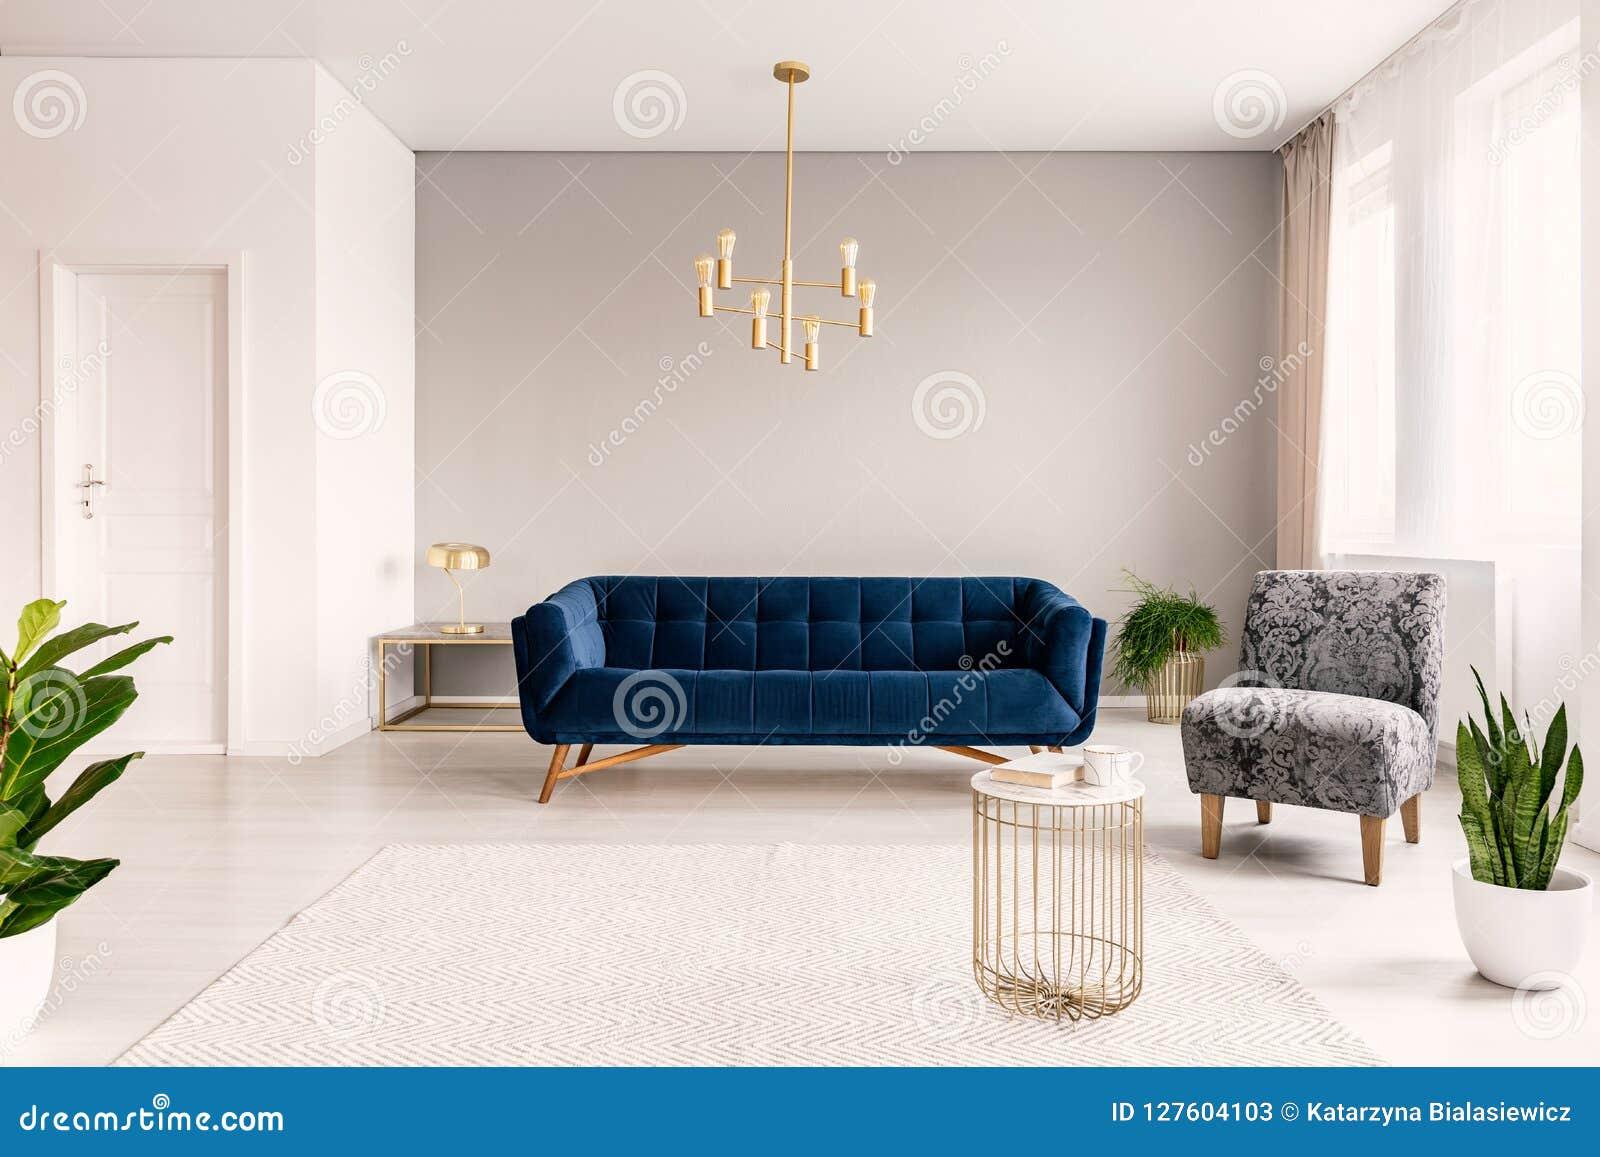 Copie el interior de la sala de estar del espacio con un sofá azul marino, una butaca gris y acentos del oro Foto verdadera